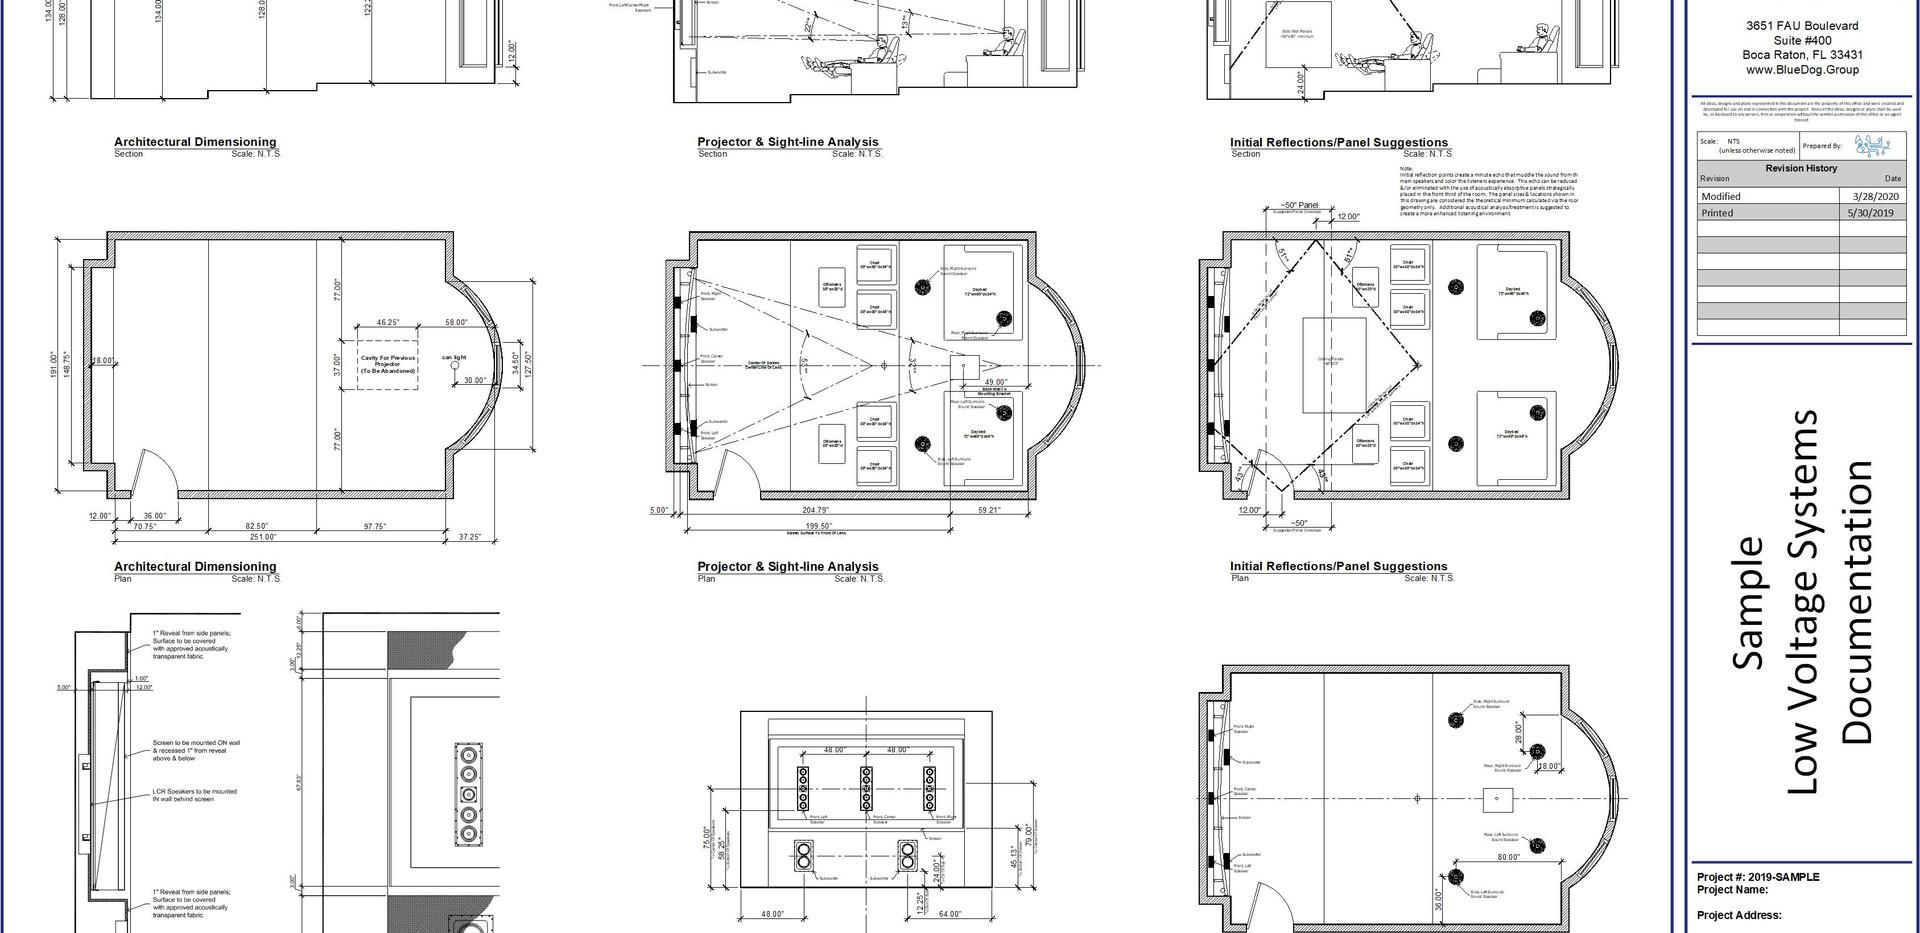 BDG-Sample LV Drawings-LV-v1.0-Theater A